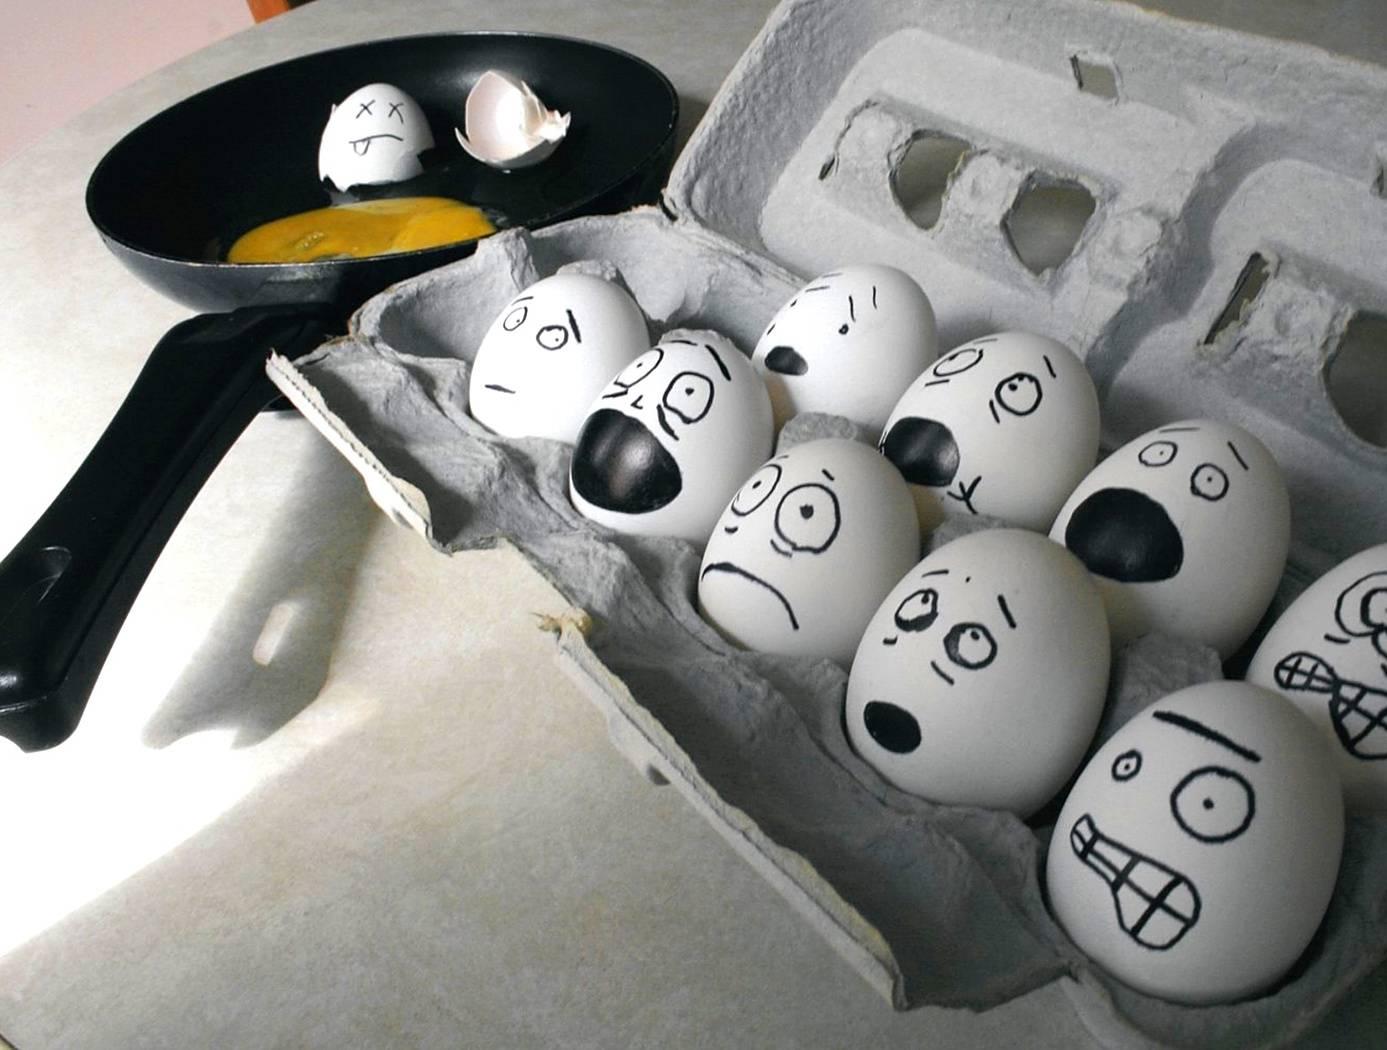 Poor Eggs